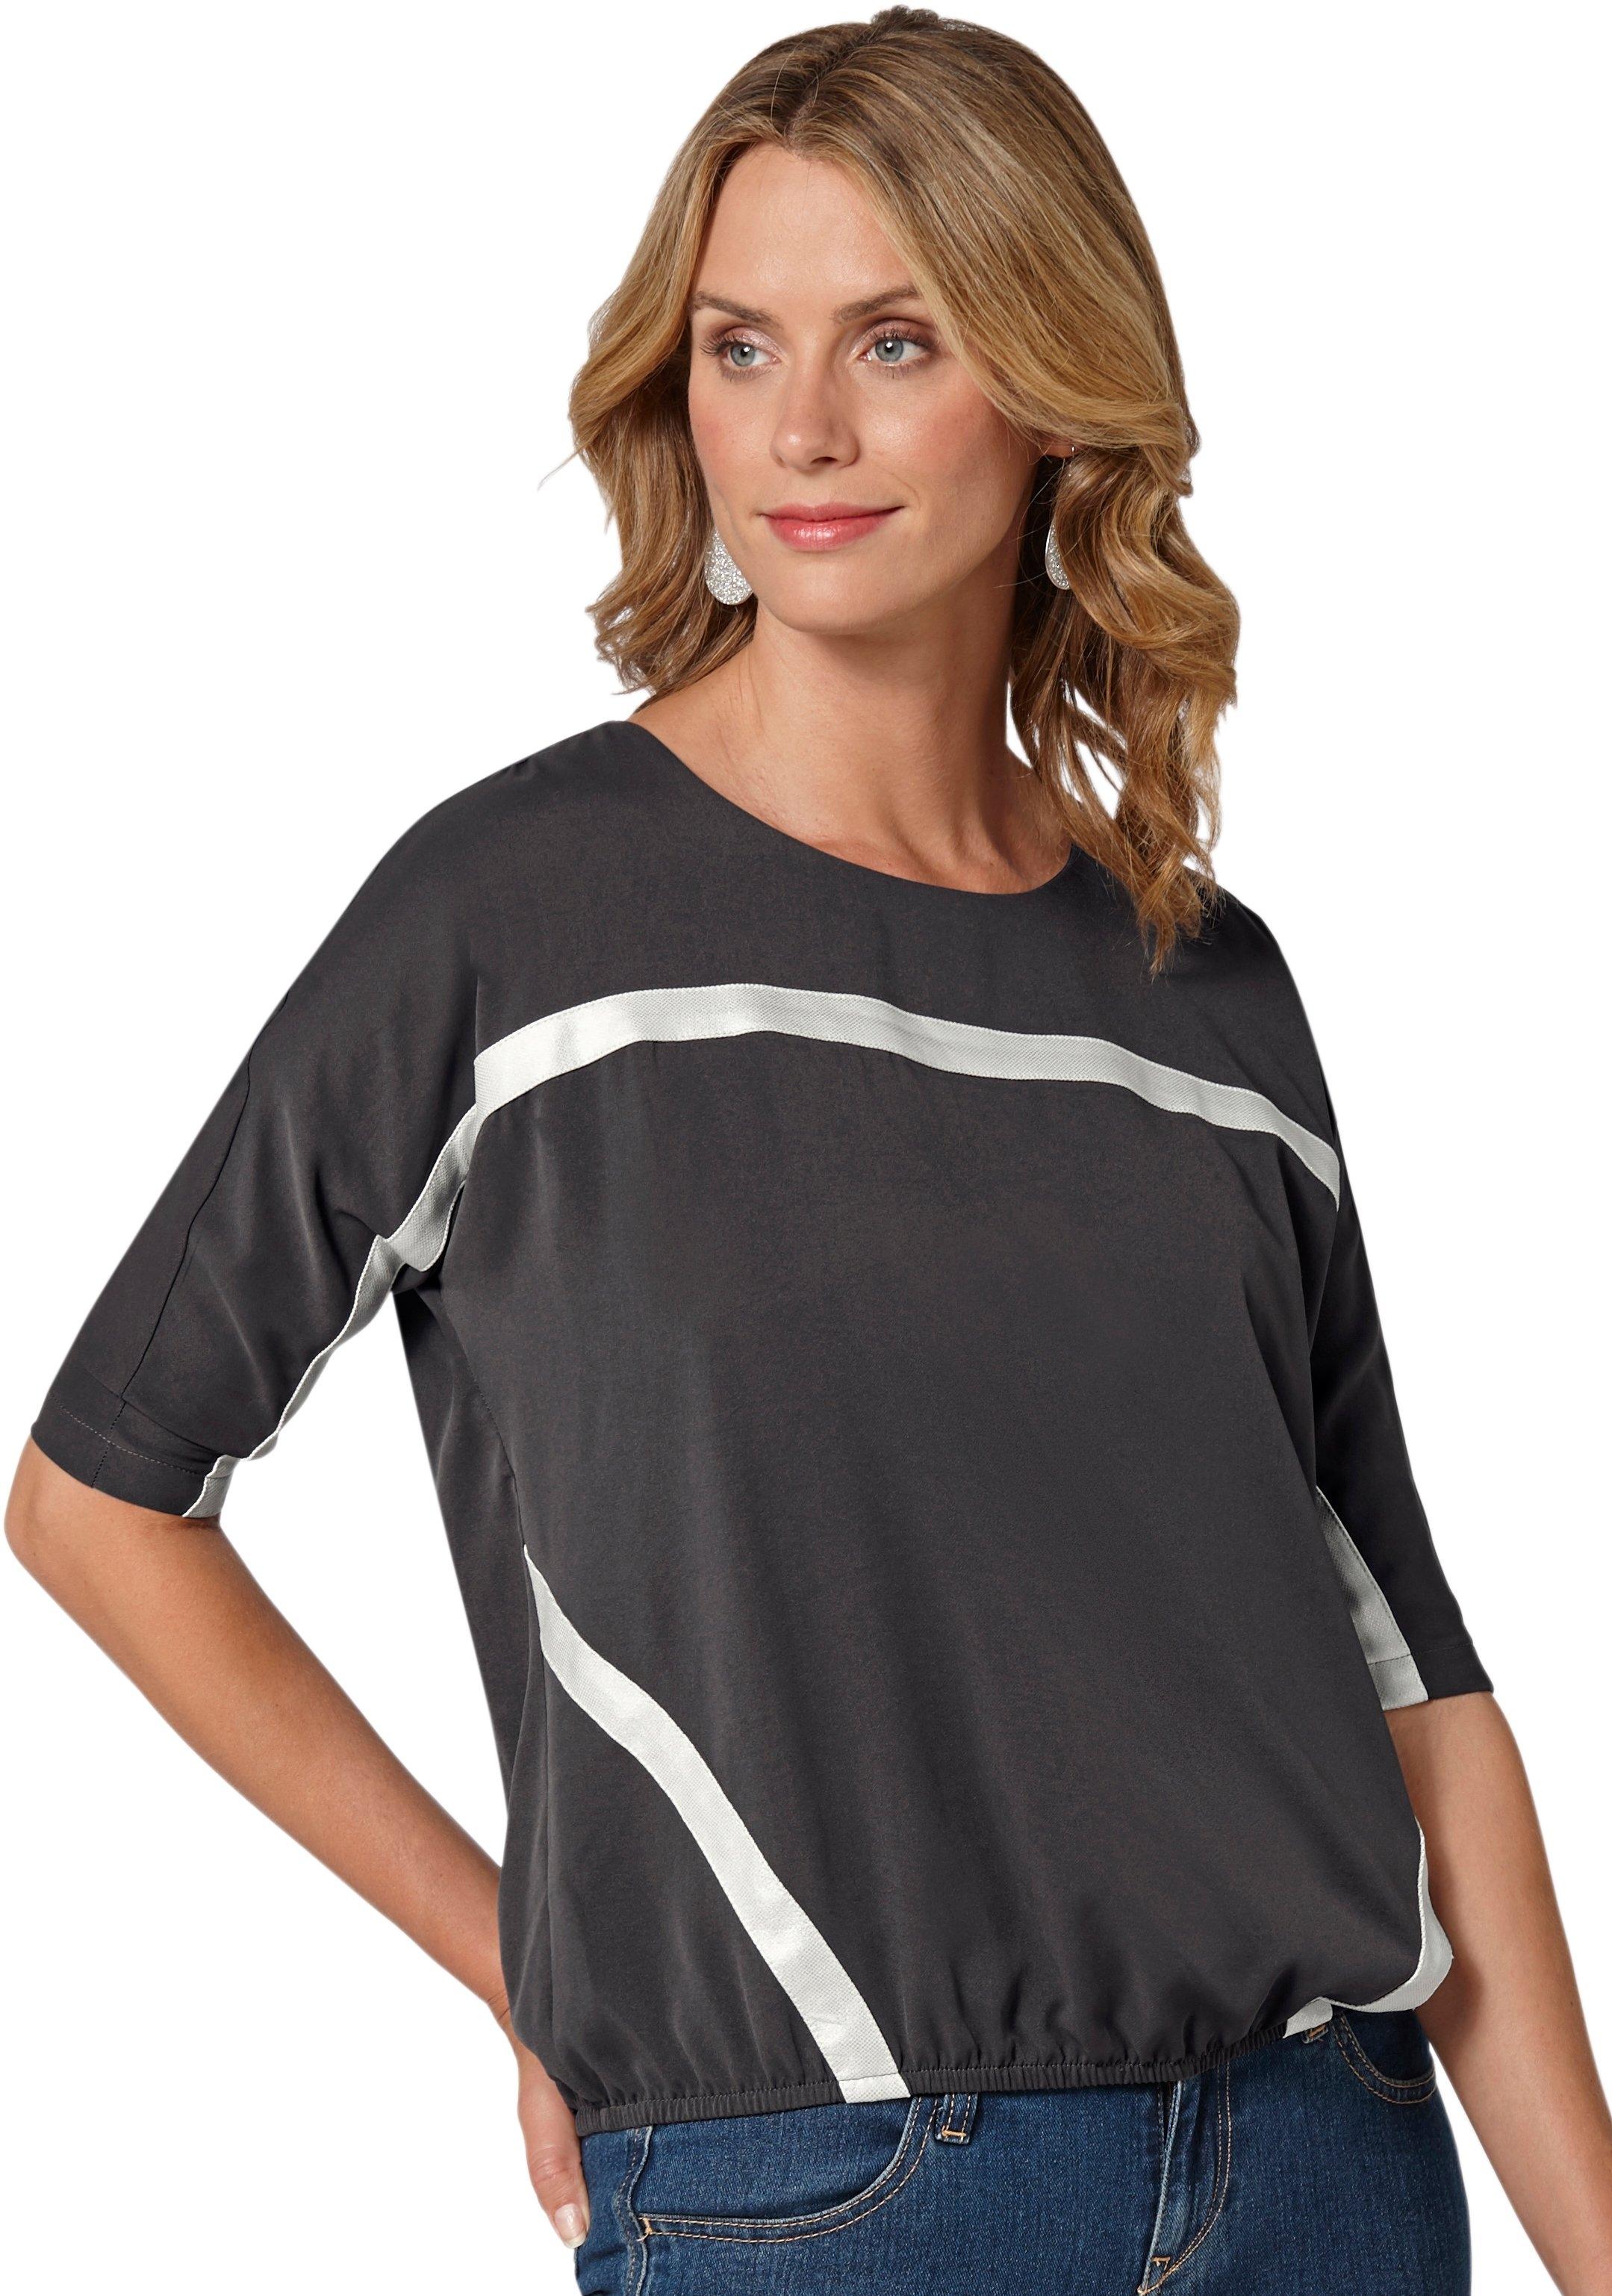 Ambria blouse met opgestikte sierbandjes opzij bij de taille voordelig en veilig online kopen